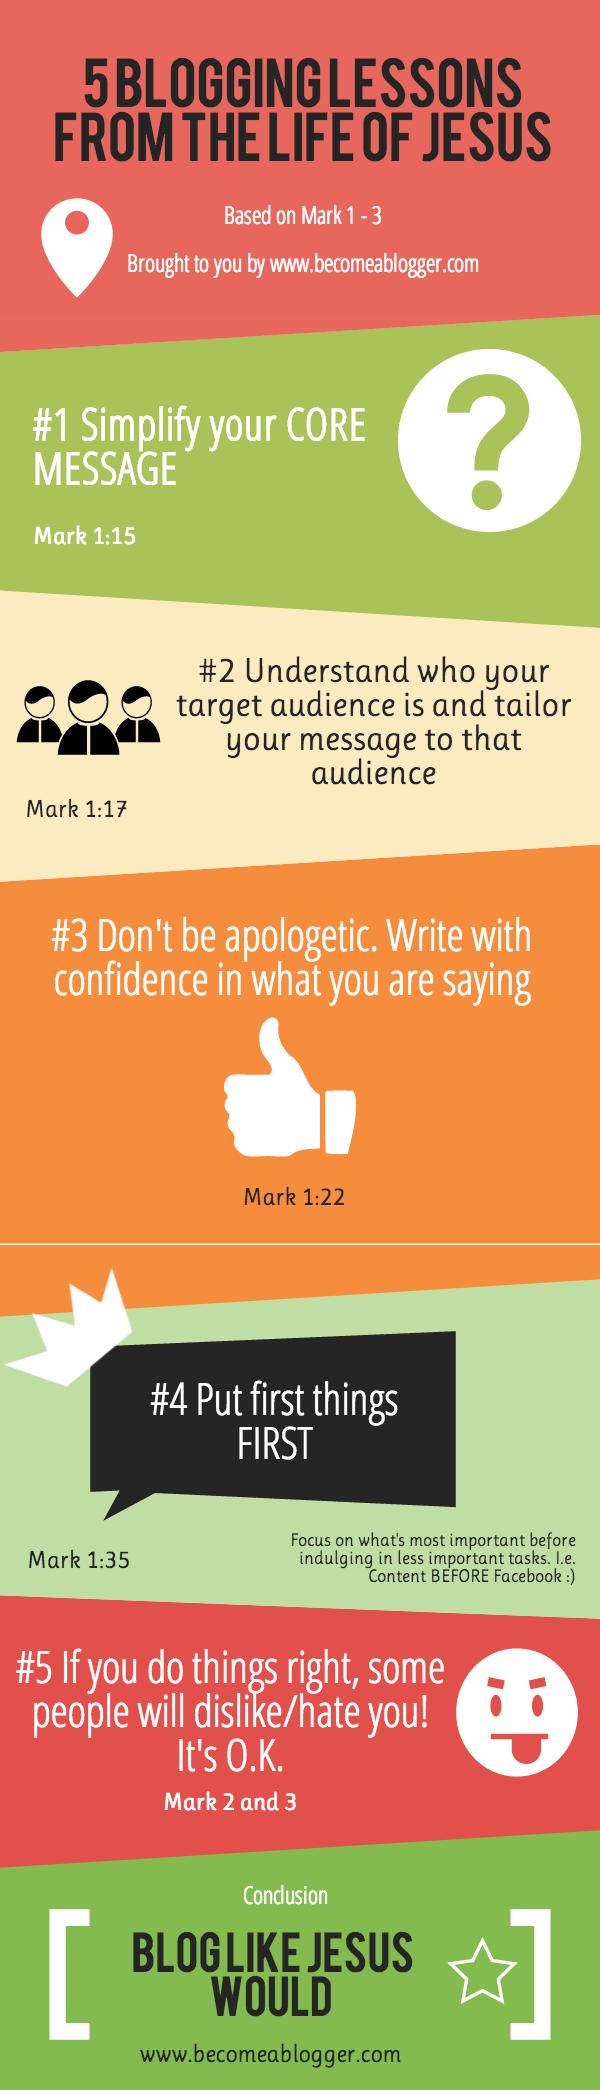 Blog_Like_Jesus_Would